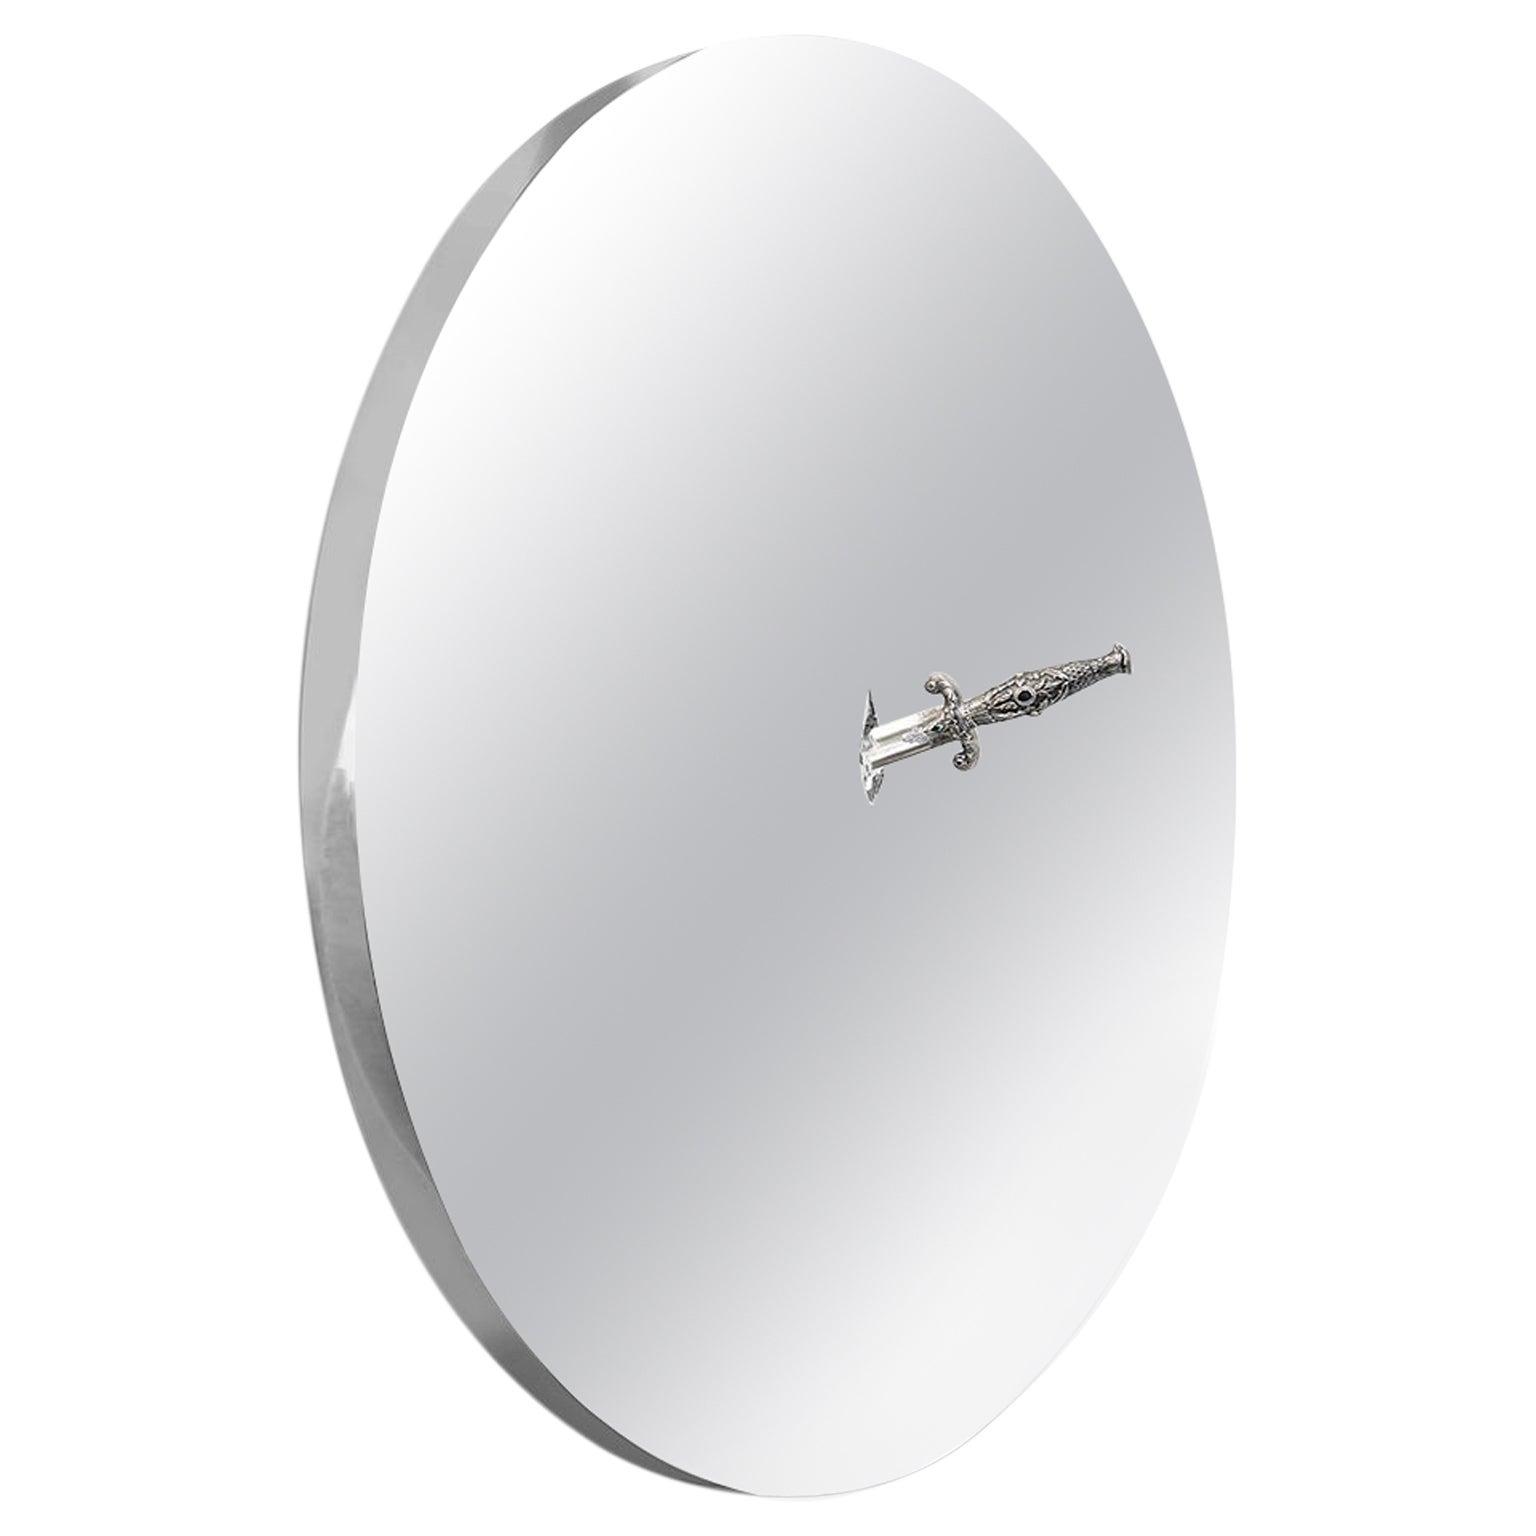 Art Pirate Mirror in Polished Inox, Fine Silver, Precious Stones and Diamonds